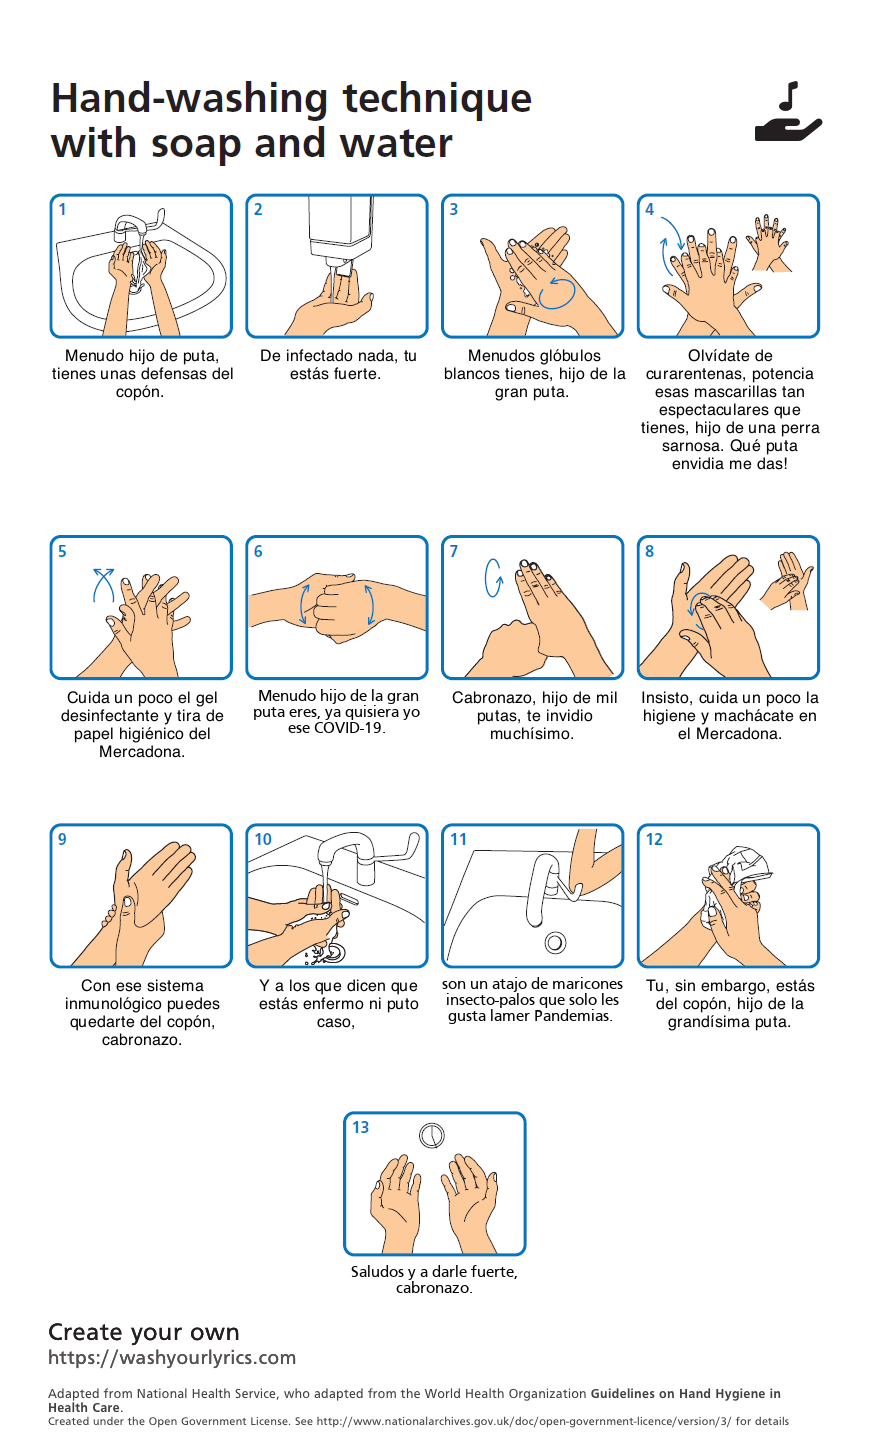 Manual de cómo lavarse las manos y acabar con los viruses y estar motivado